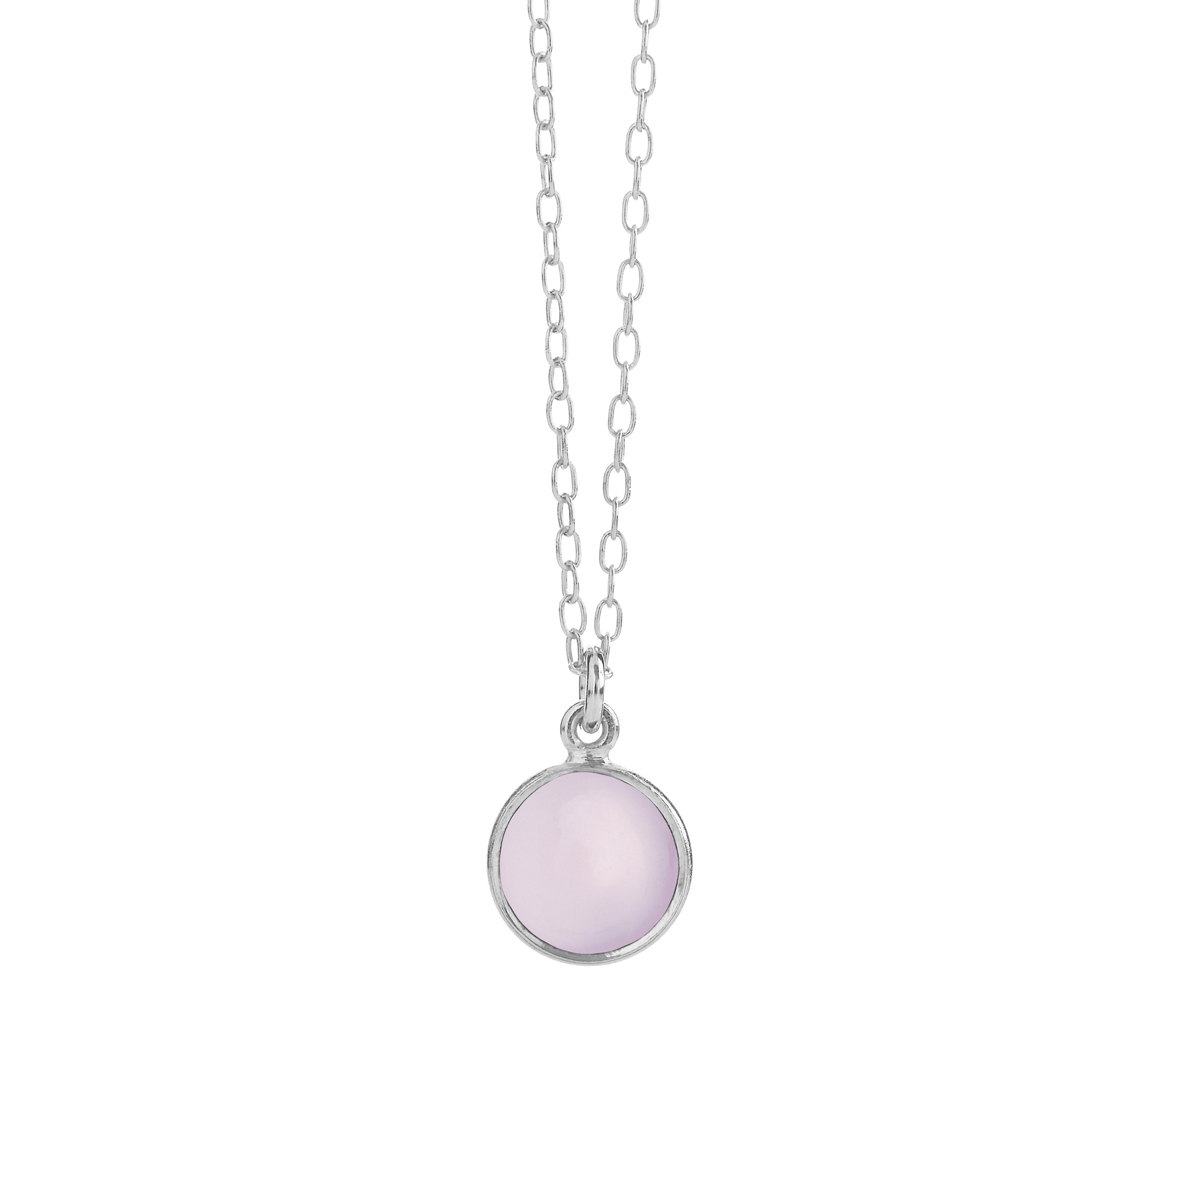 sølv halskæde med lyserød krystal fra Susanne Friis Bjørner